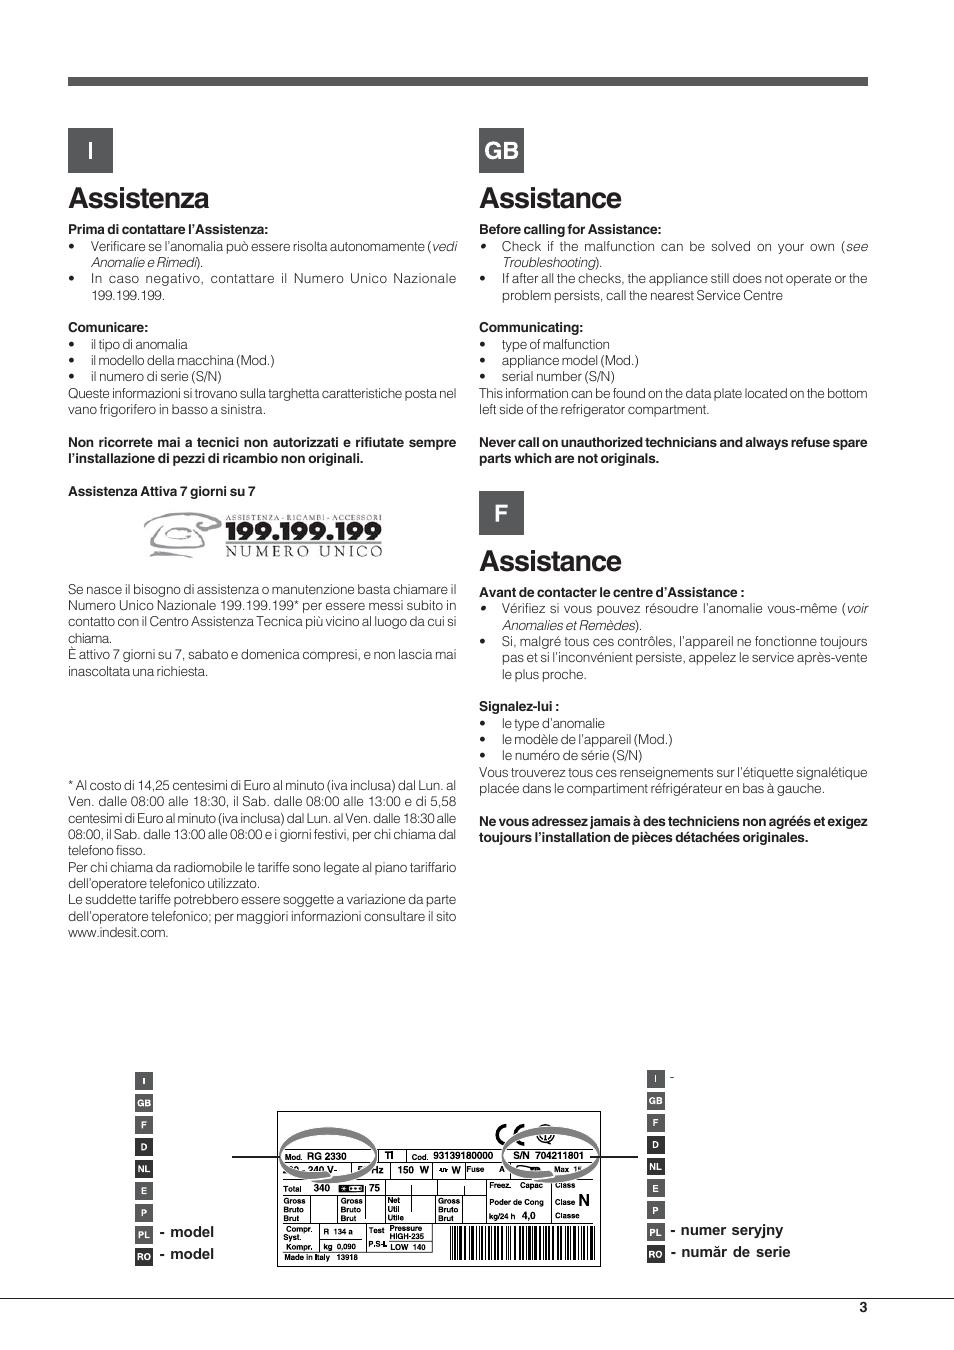 Assistenza, Assistance | Hotpoint Ariston Combinato Quadrio E4D AAA X C  User Manual | Page 3